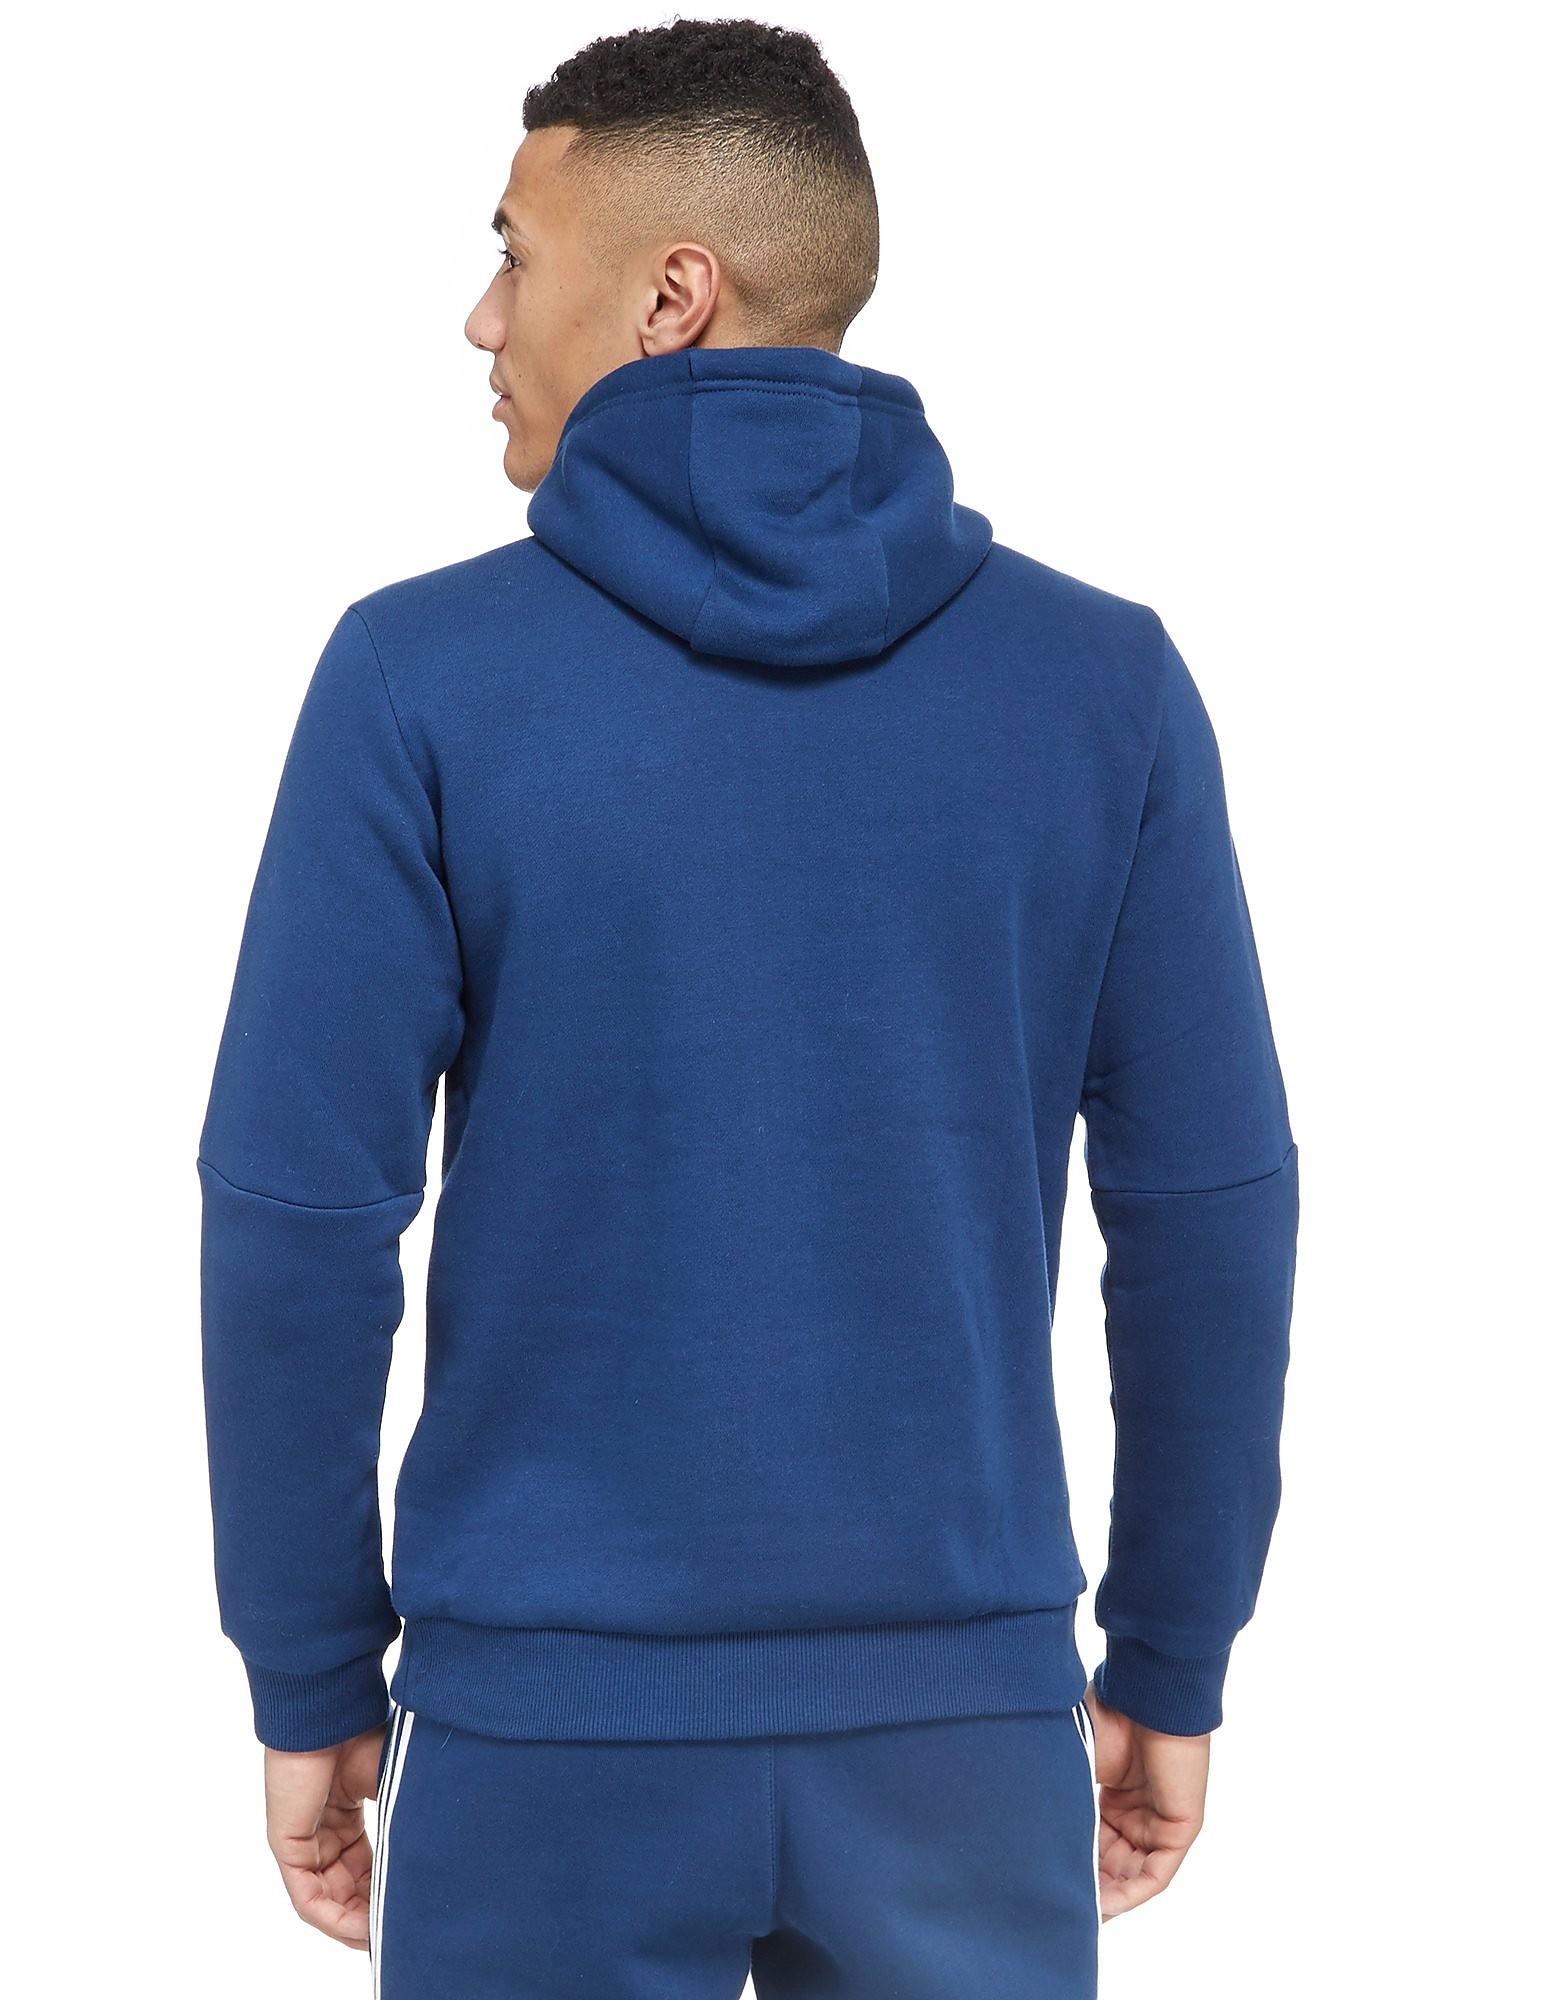 adidas Originals Trefoil Half Zip Hoody